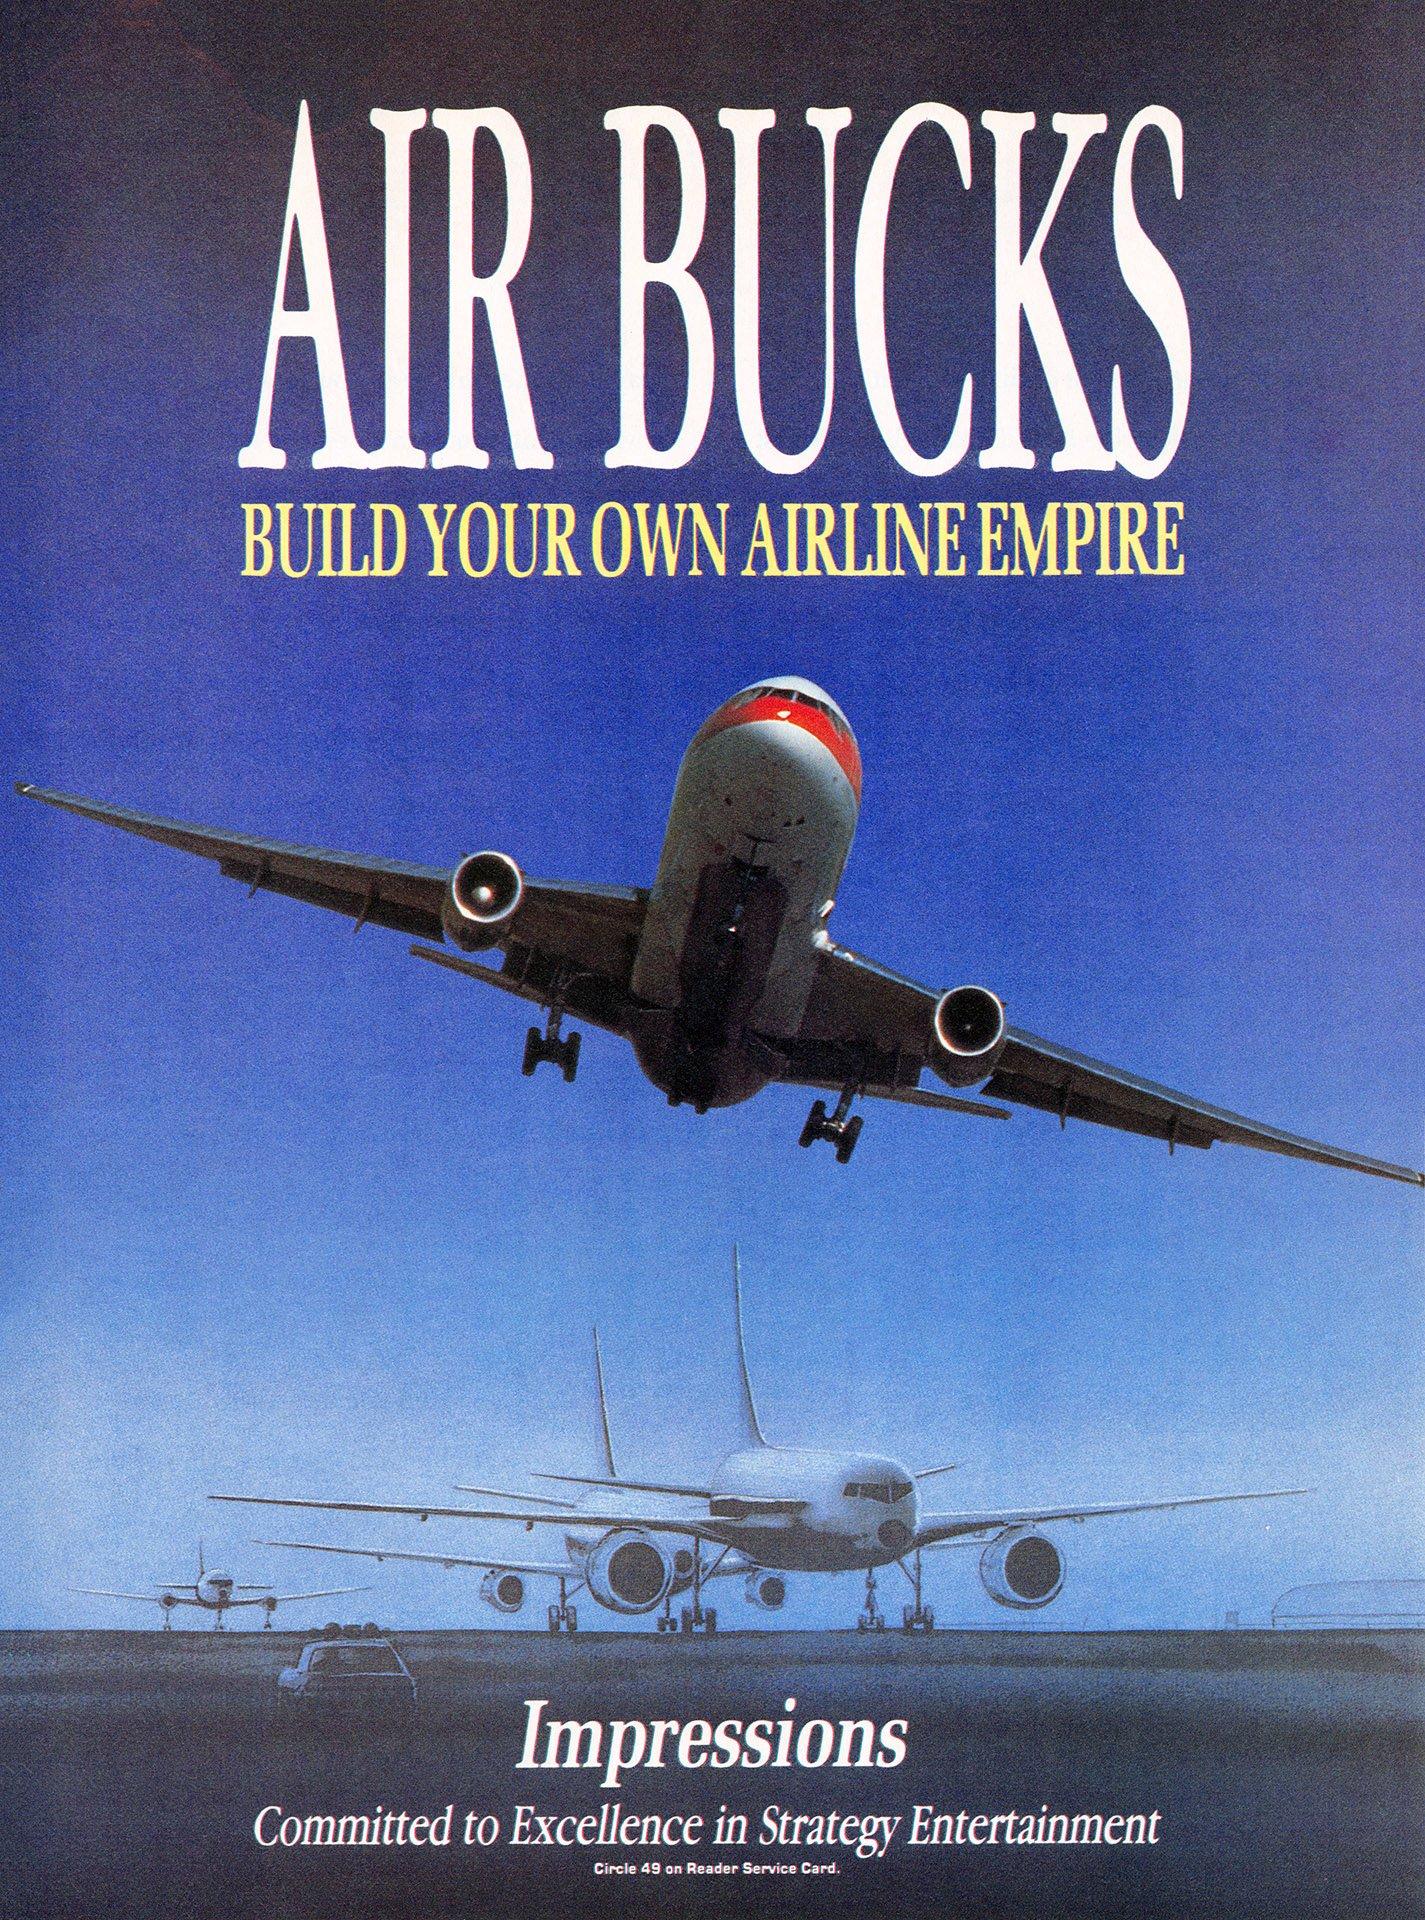 Air Bucks